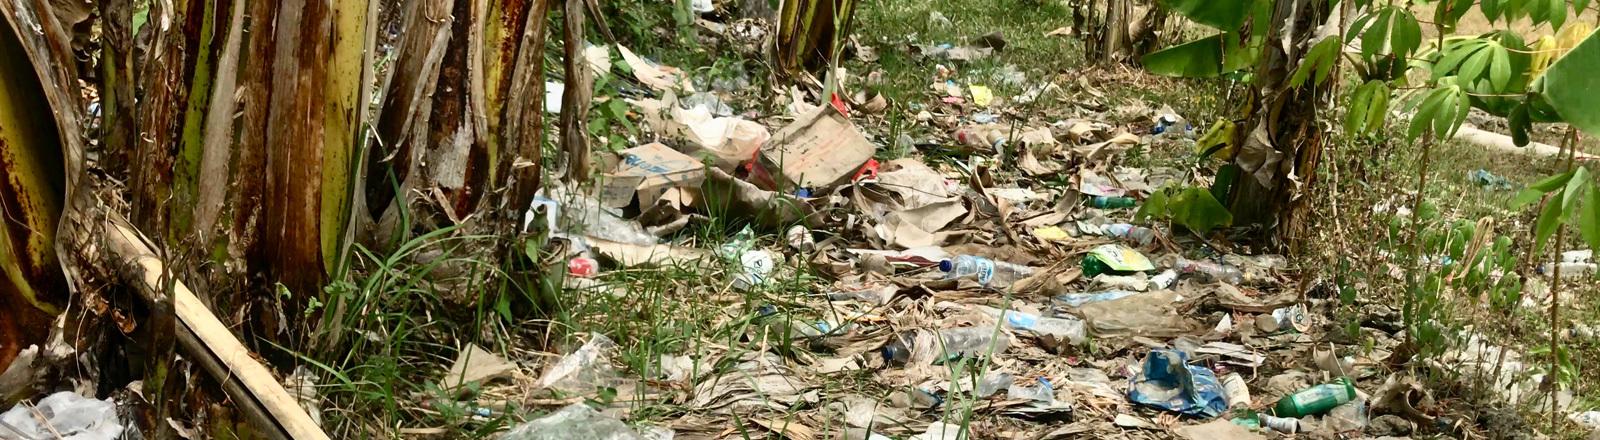 Müll auf Bali.